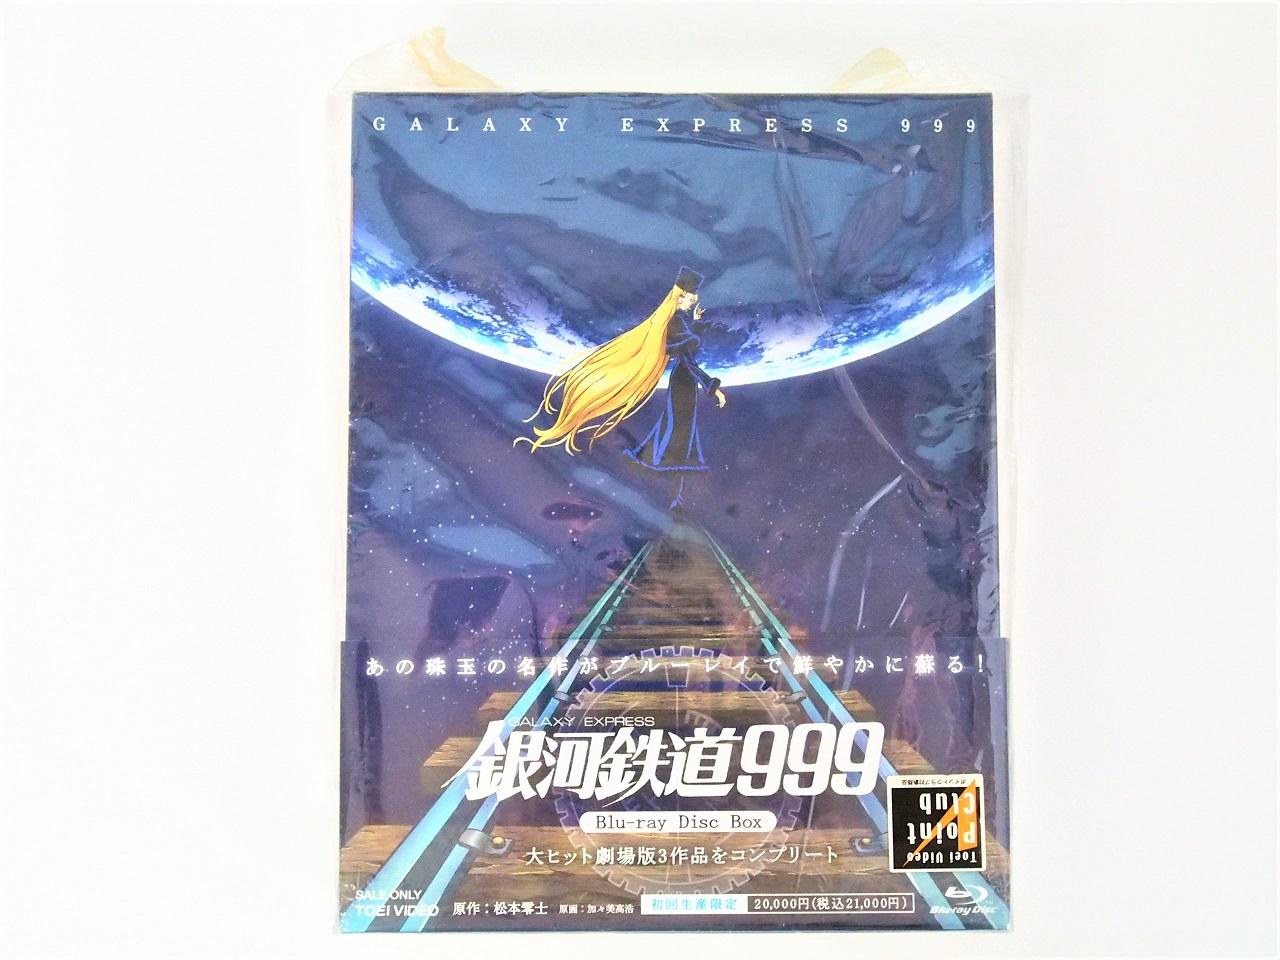 高価買取した劇場版 銀河鉄道999ブルーレイBOXの表紙